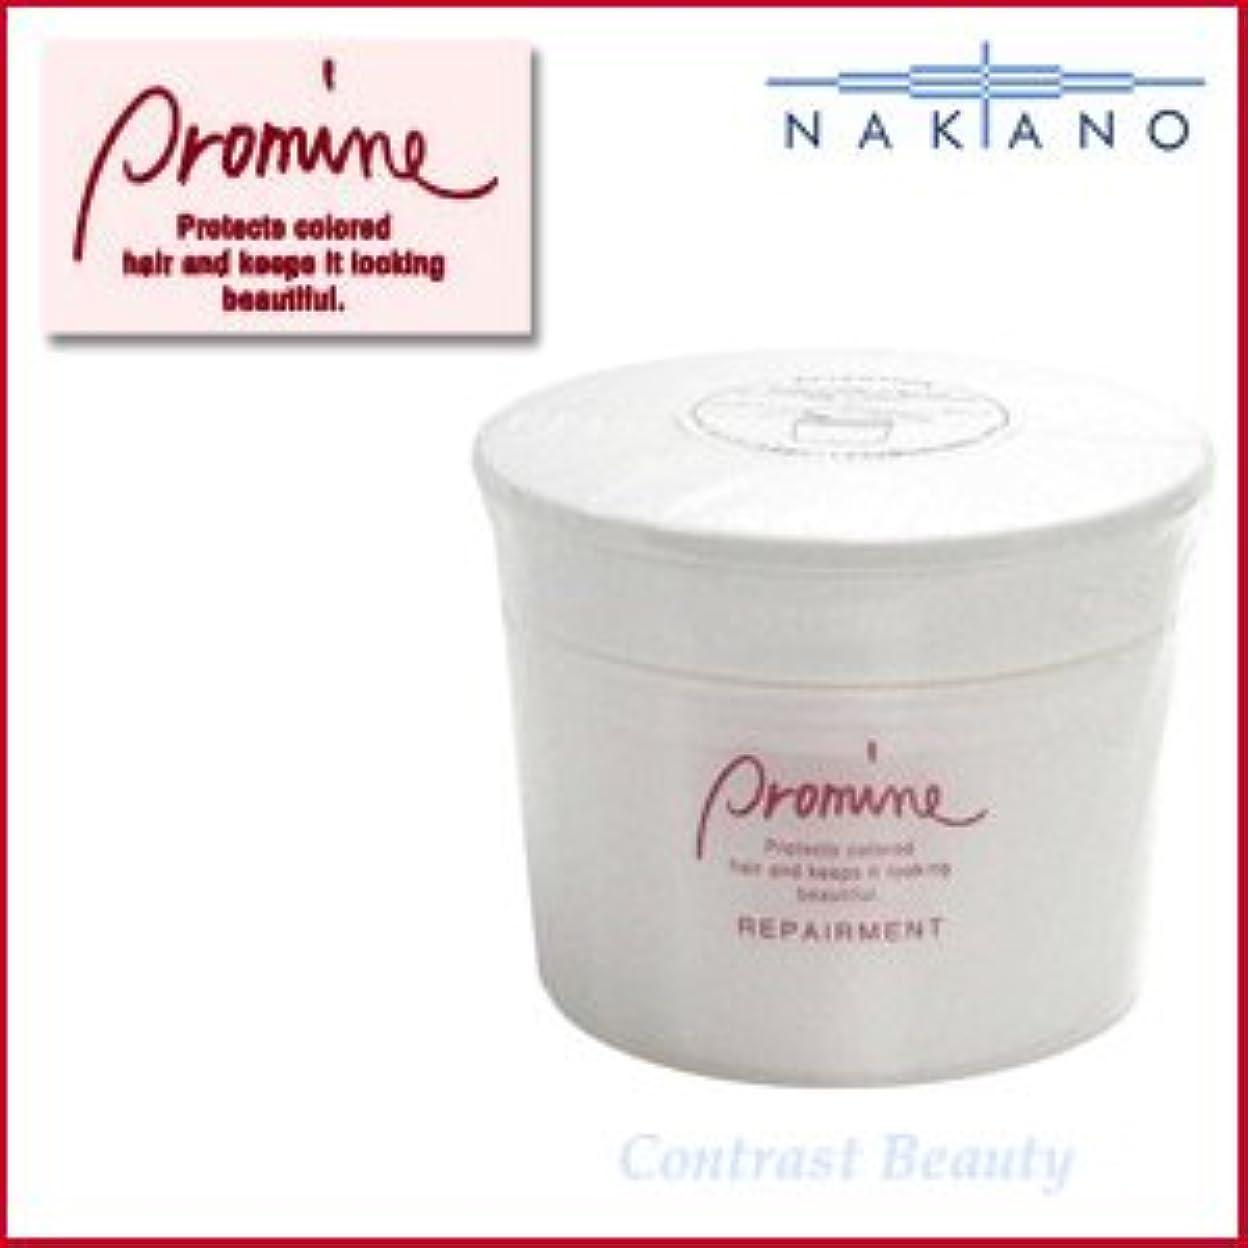 ギャラントリー等しいいま【X5個セット】 ナカノ プロマイン リペアメント 250g 【ヘアケア Hair care 中野製薬株式会社 NAKANO】